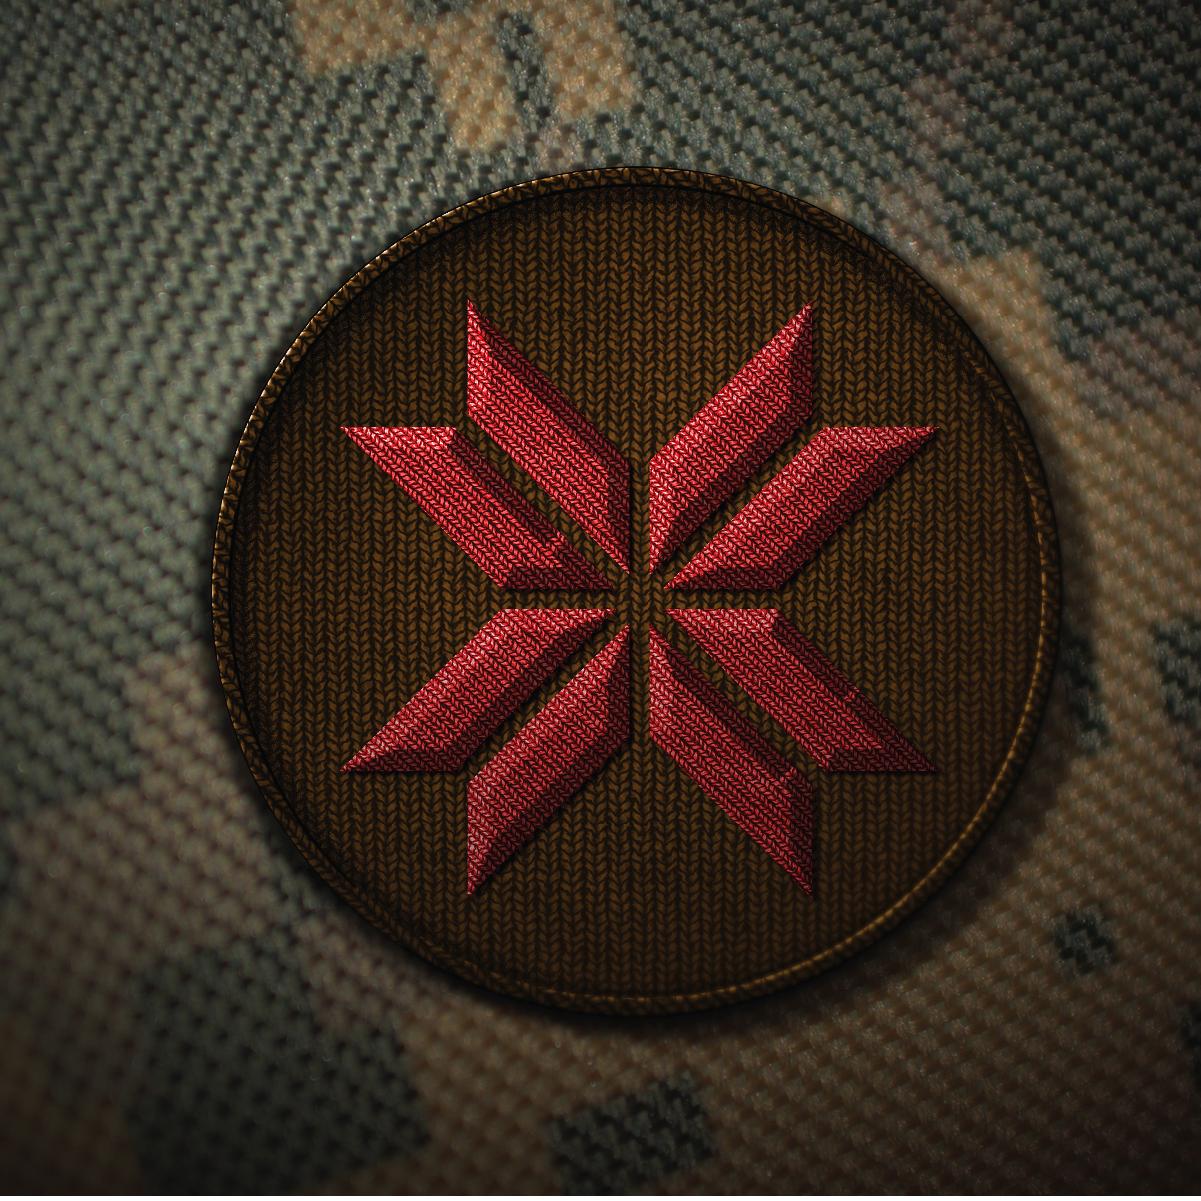 Нарукавная эмблема 43 бригады. Благодаря своей лаконичности крест перуна также легко считывается как и тысячу лет назад.